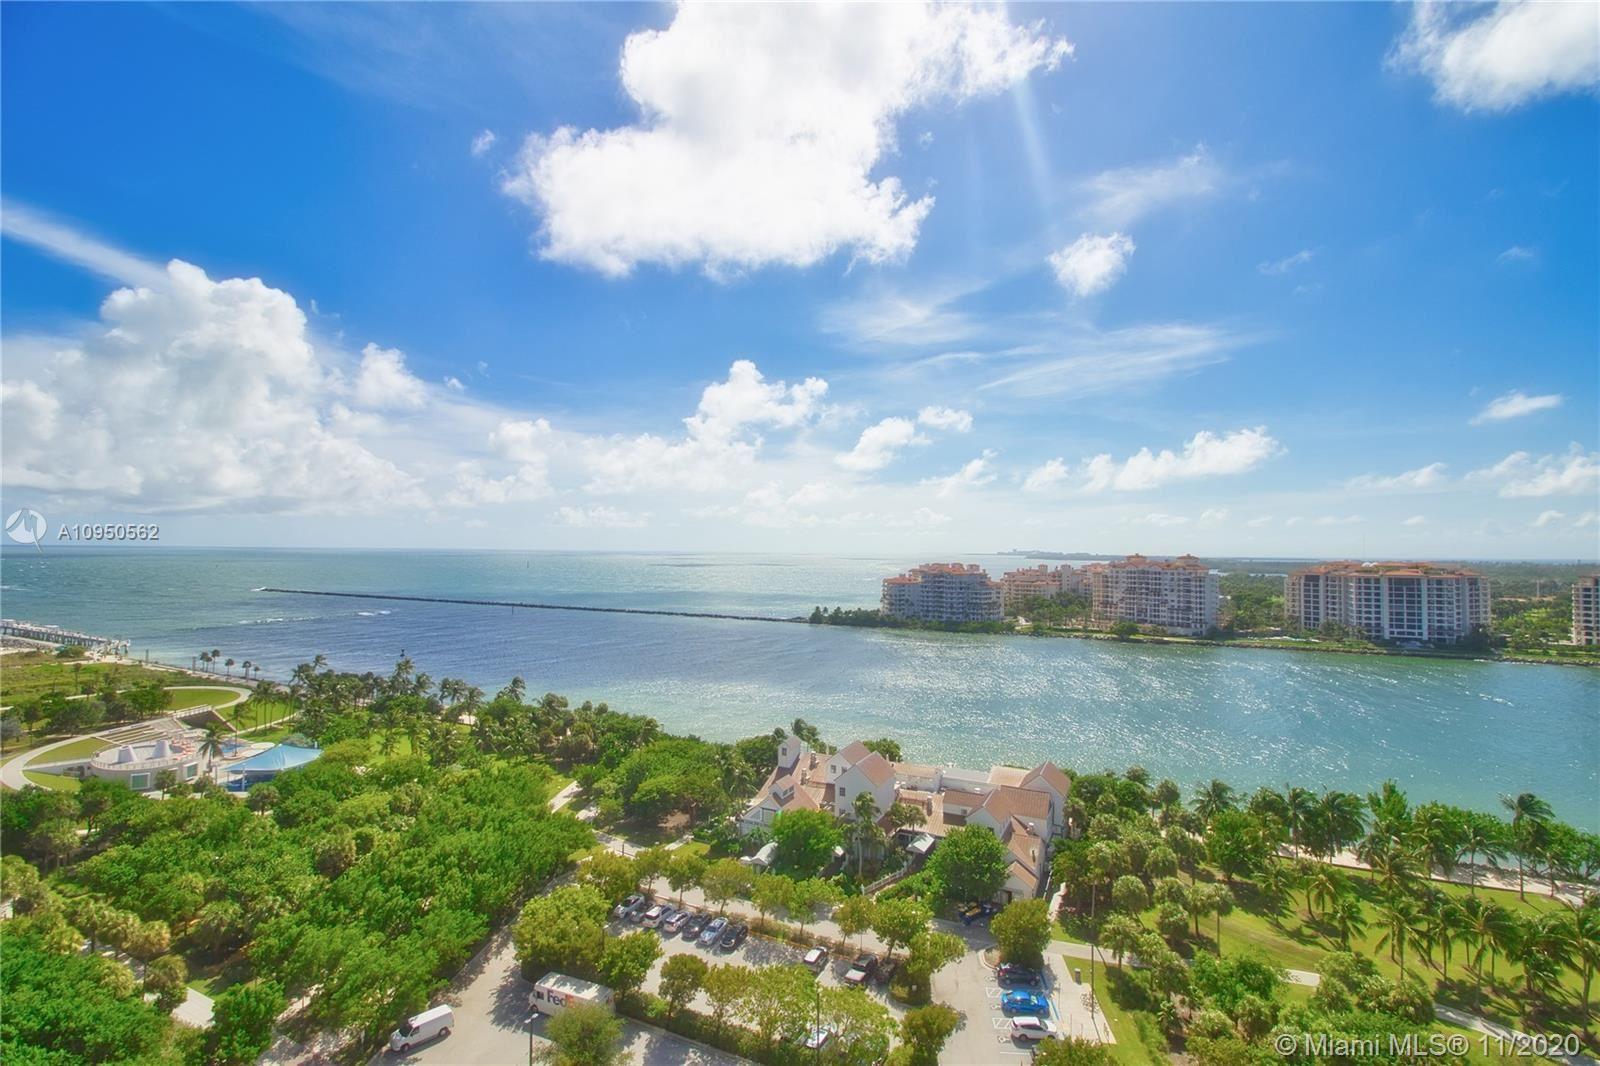 400 S Pointe Dr #1804, Miami Beach, FL 33139 - #: A10950562